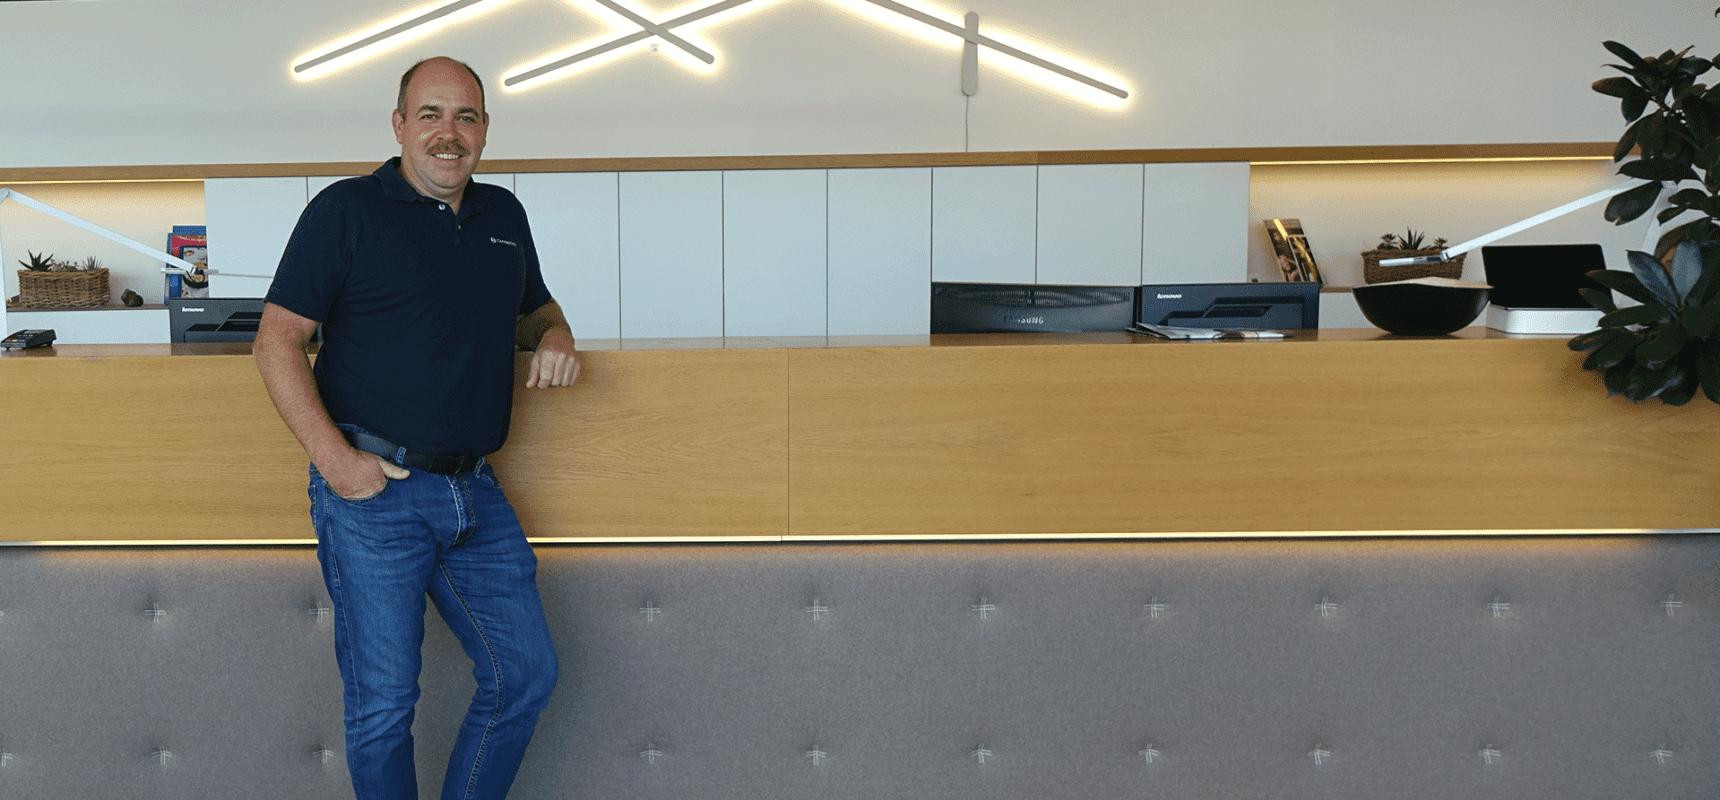 Amann Thomas, Teamleiter Beleuchtung bei Conceptlicht im Lichtstudio